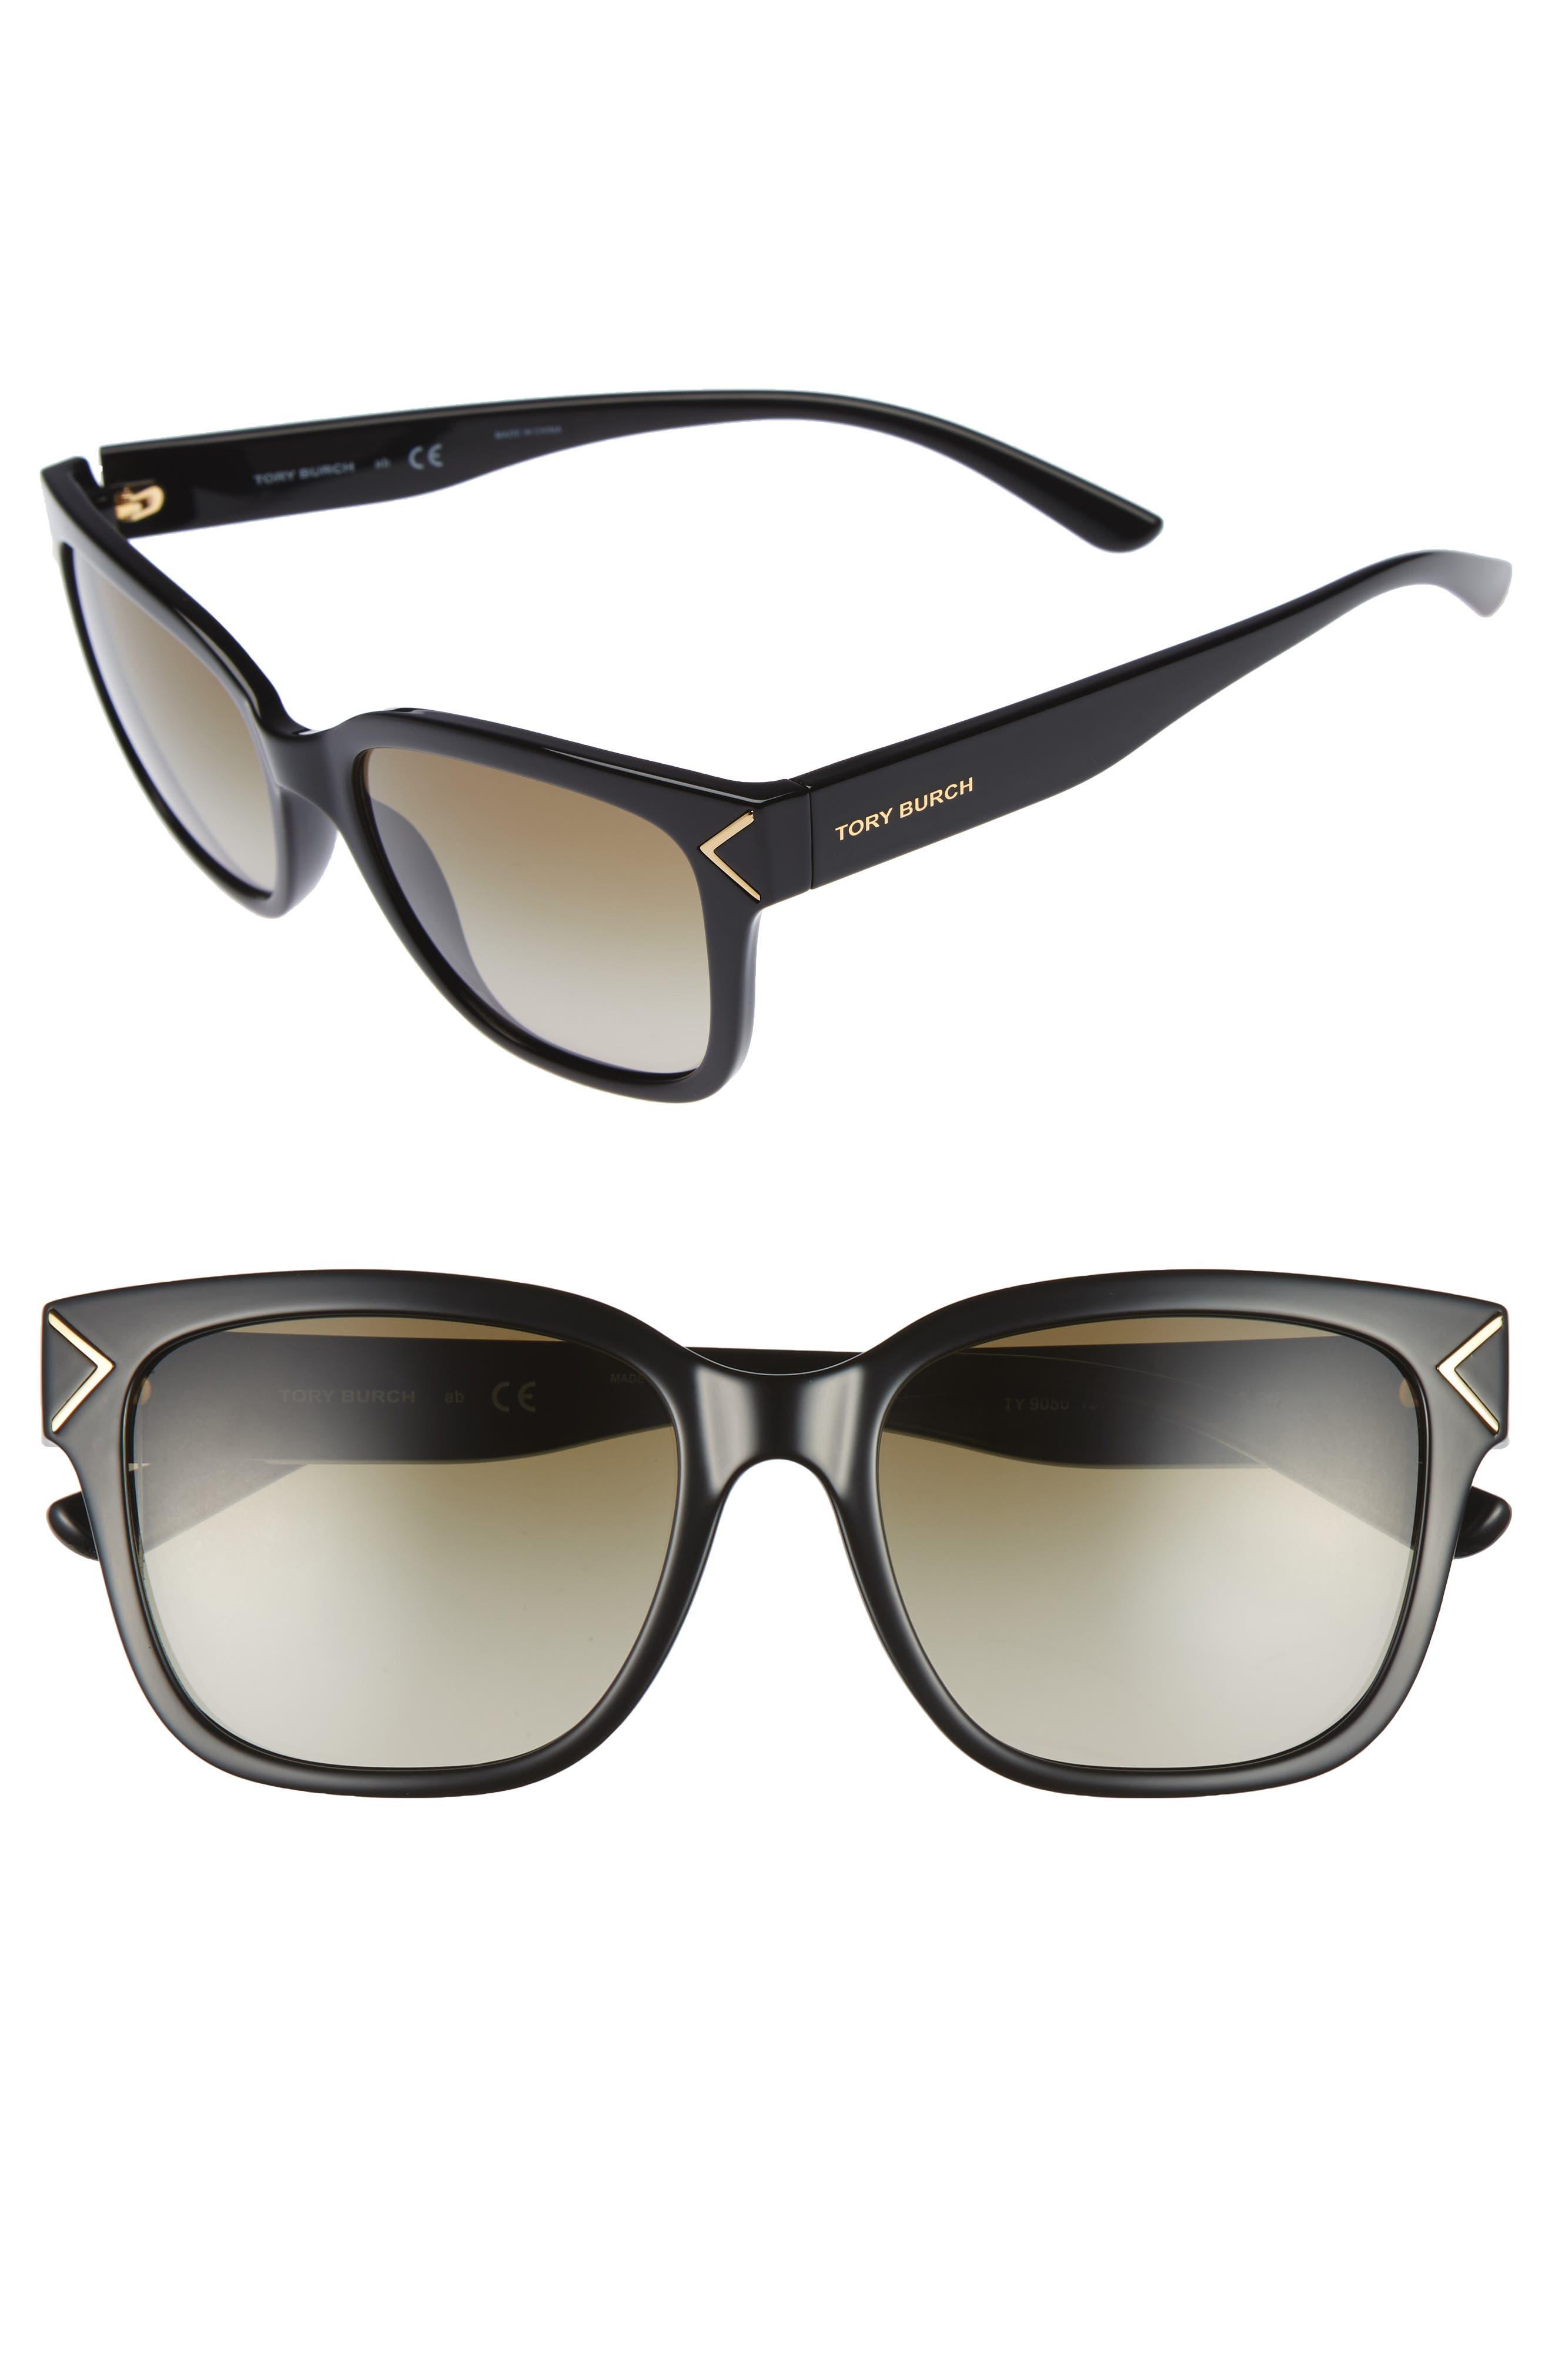 55mm Gradient Sunglasses,                             Main thumbnail 1, color,                             001